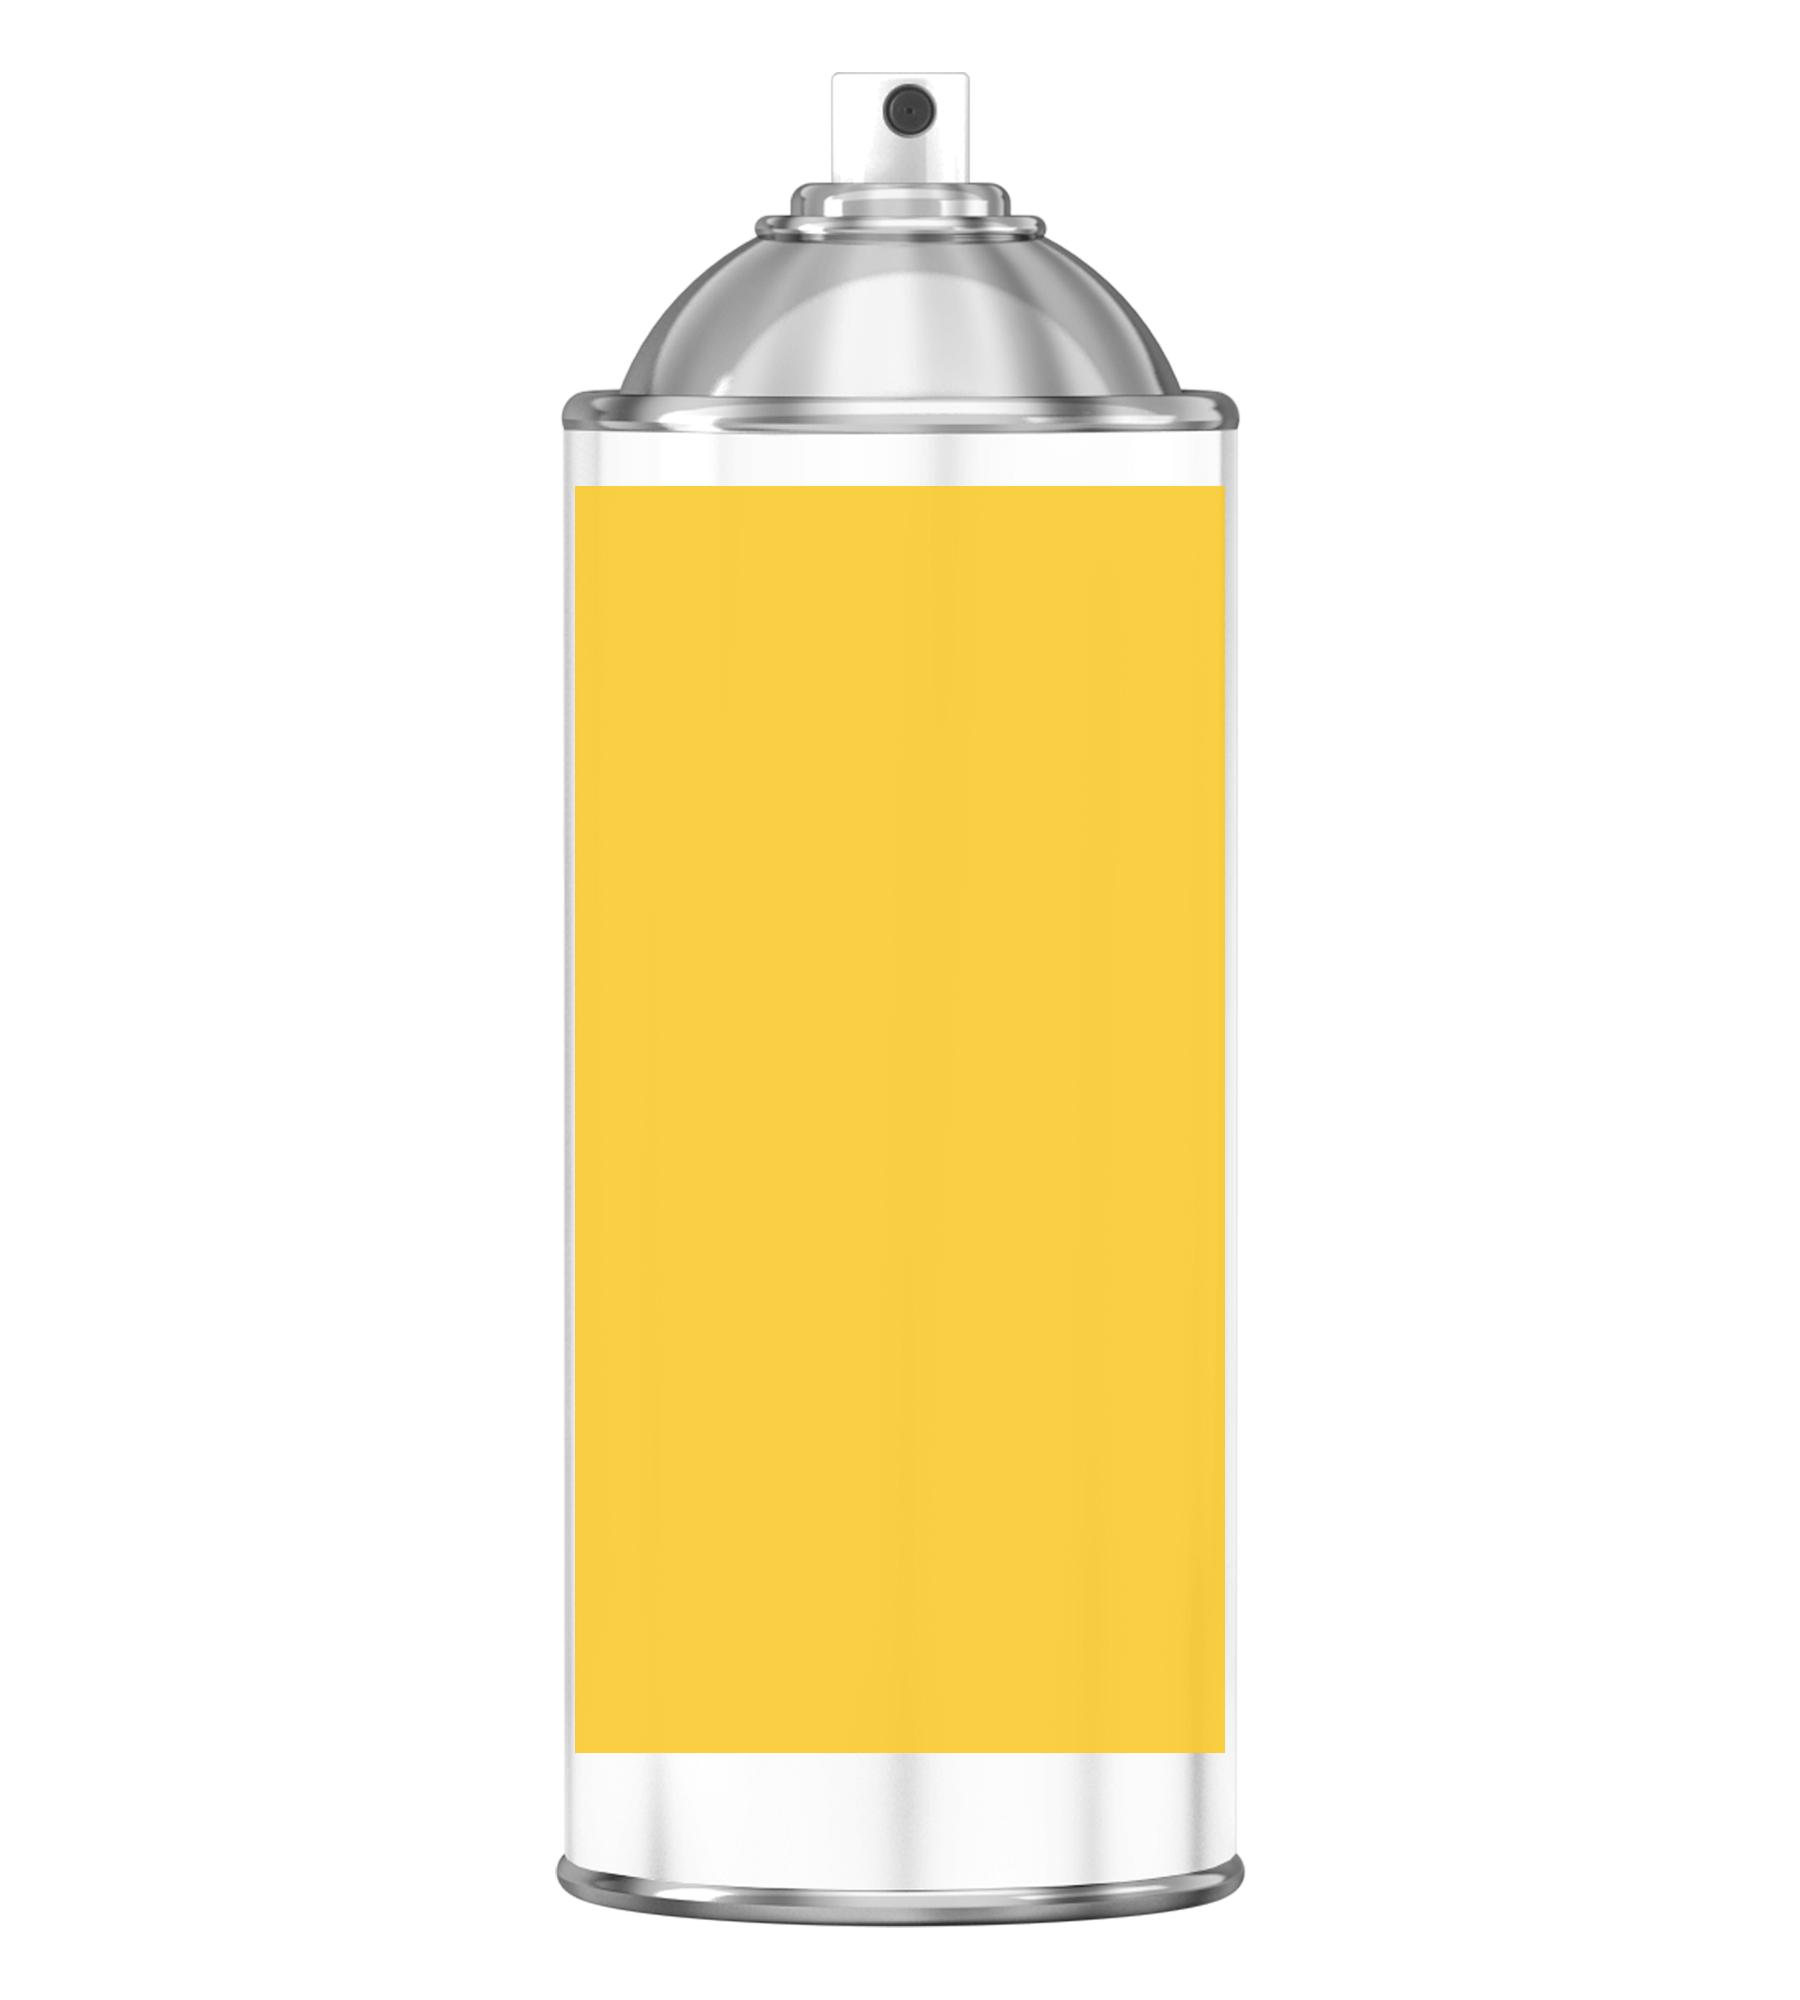 RAL 1018 Zinc yellow Sprayburk